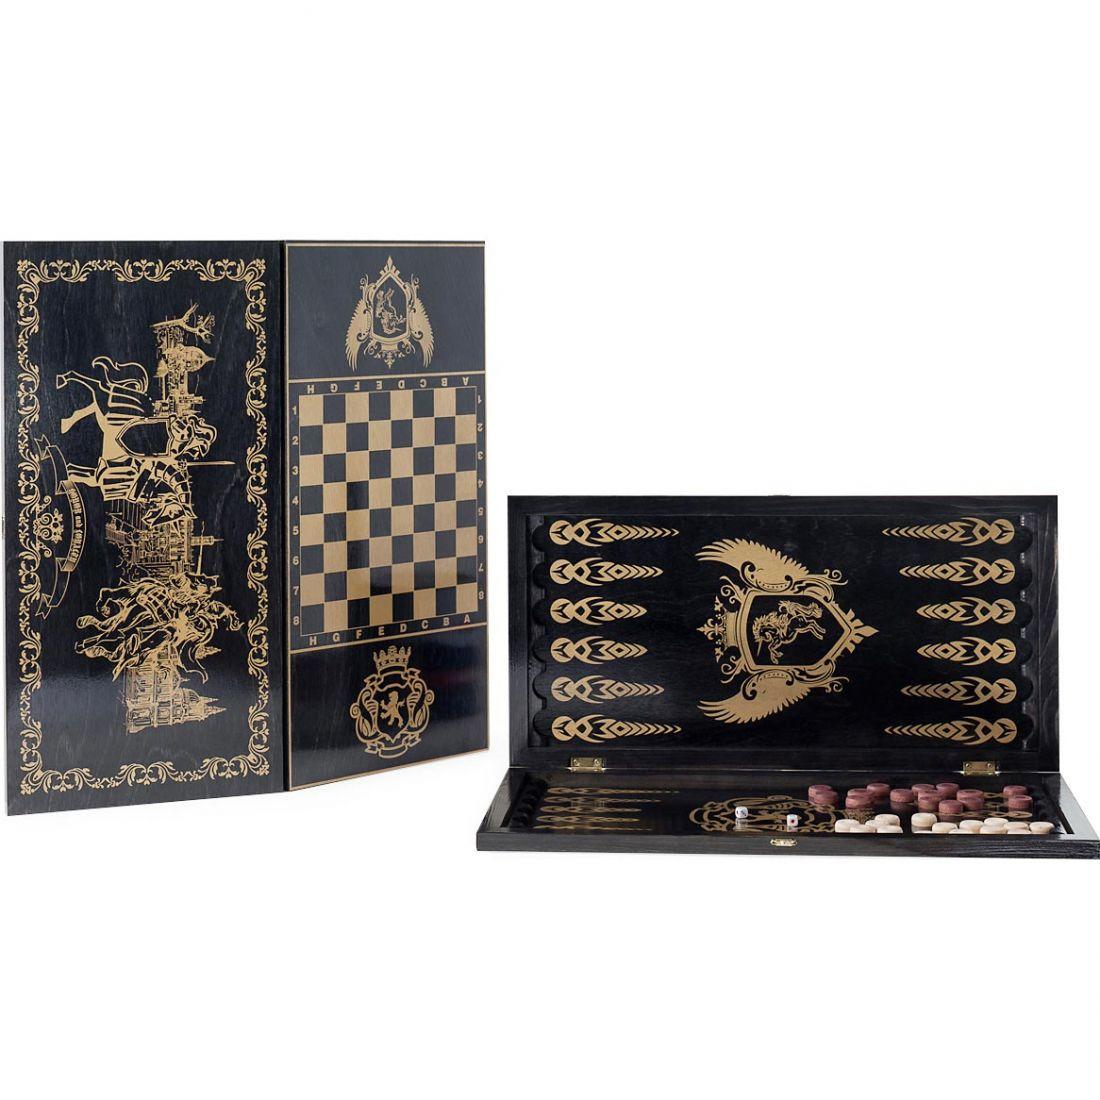 Набор 2 в 1 деревянный Рыцари 124-16 (шашки, нарды) черный 60х60см